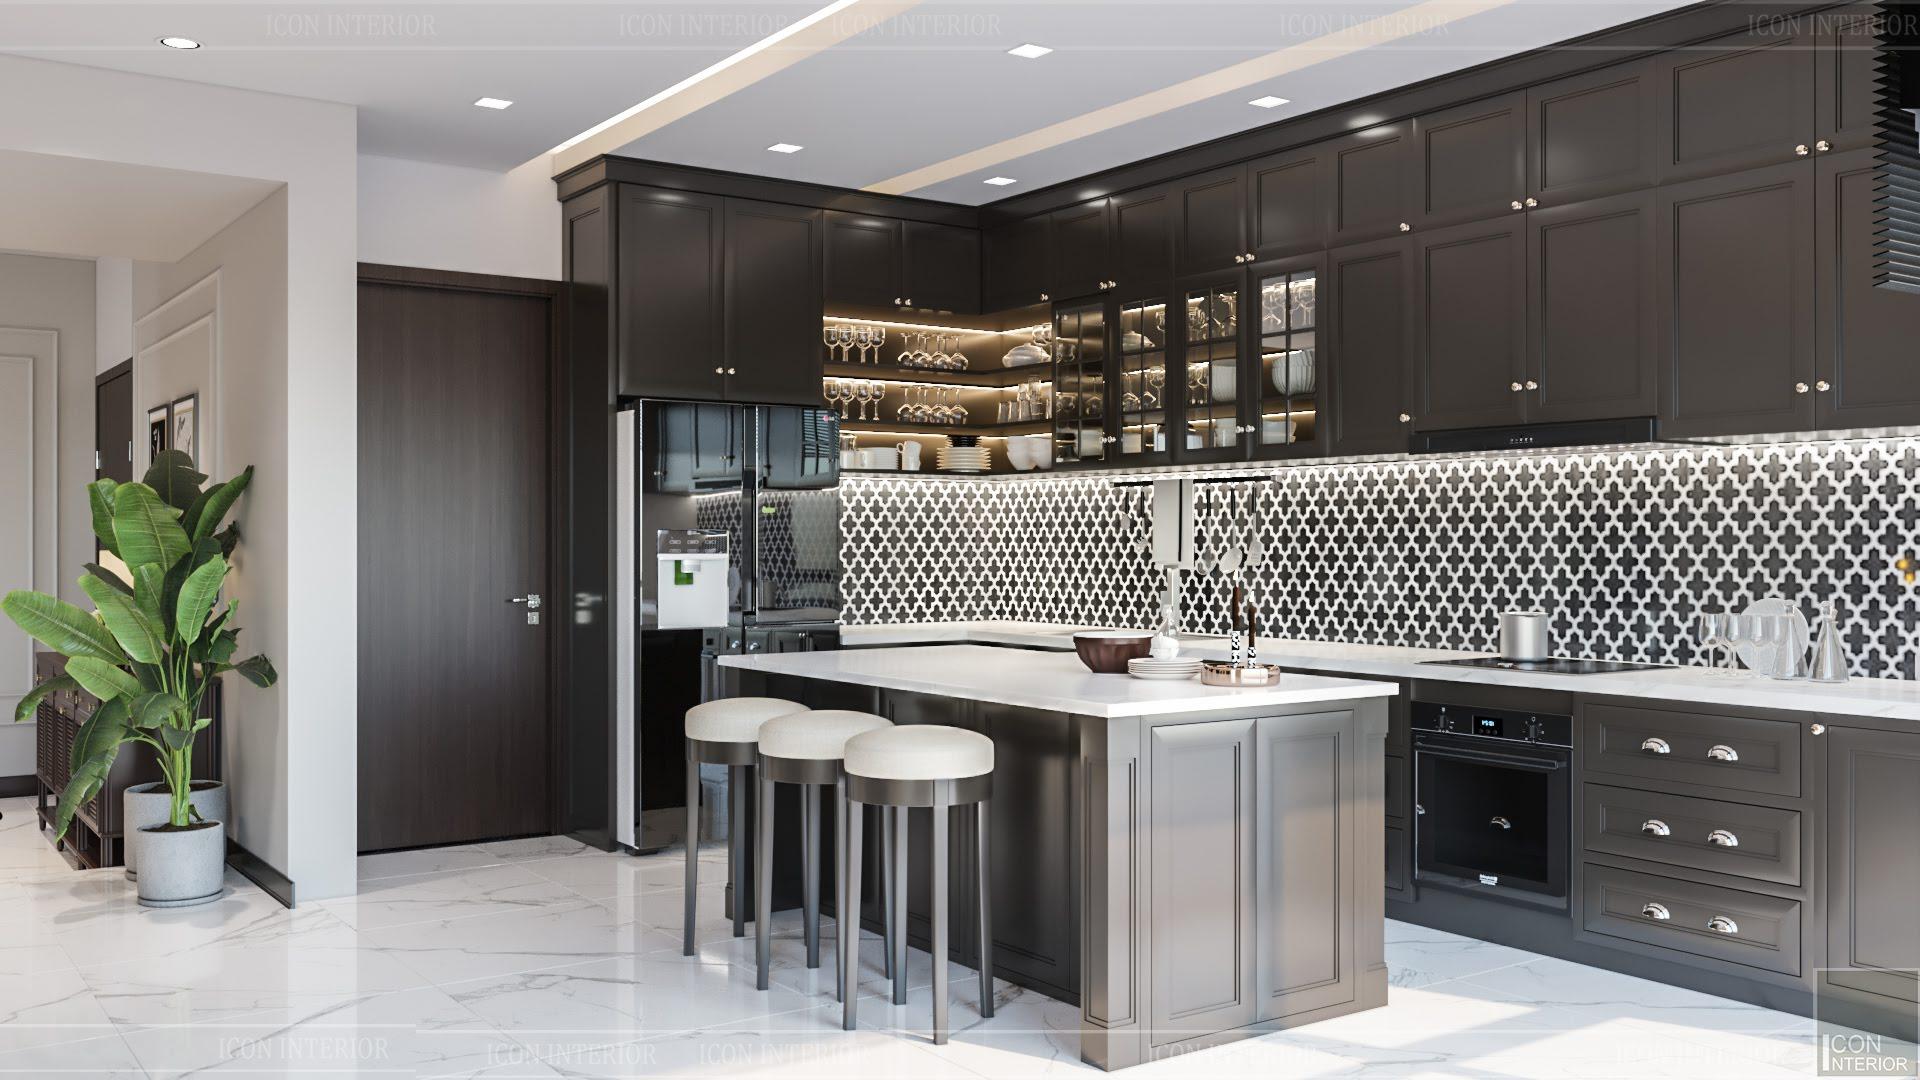 thiết kế căn hộ đập thông - phòng bếp 1